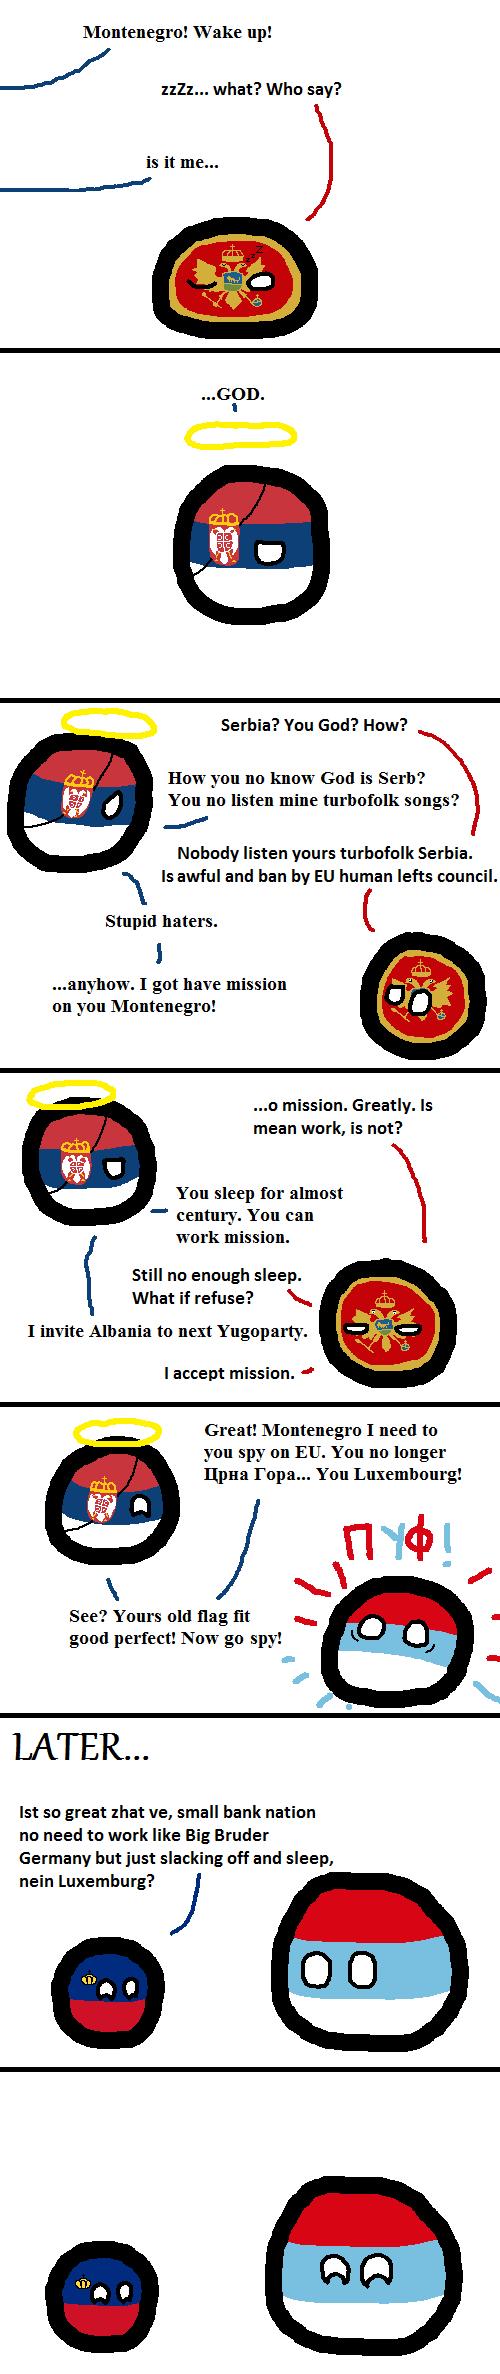 Agent zero zero zzzz...